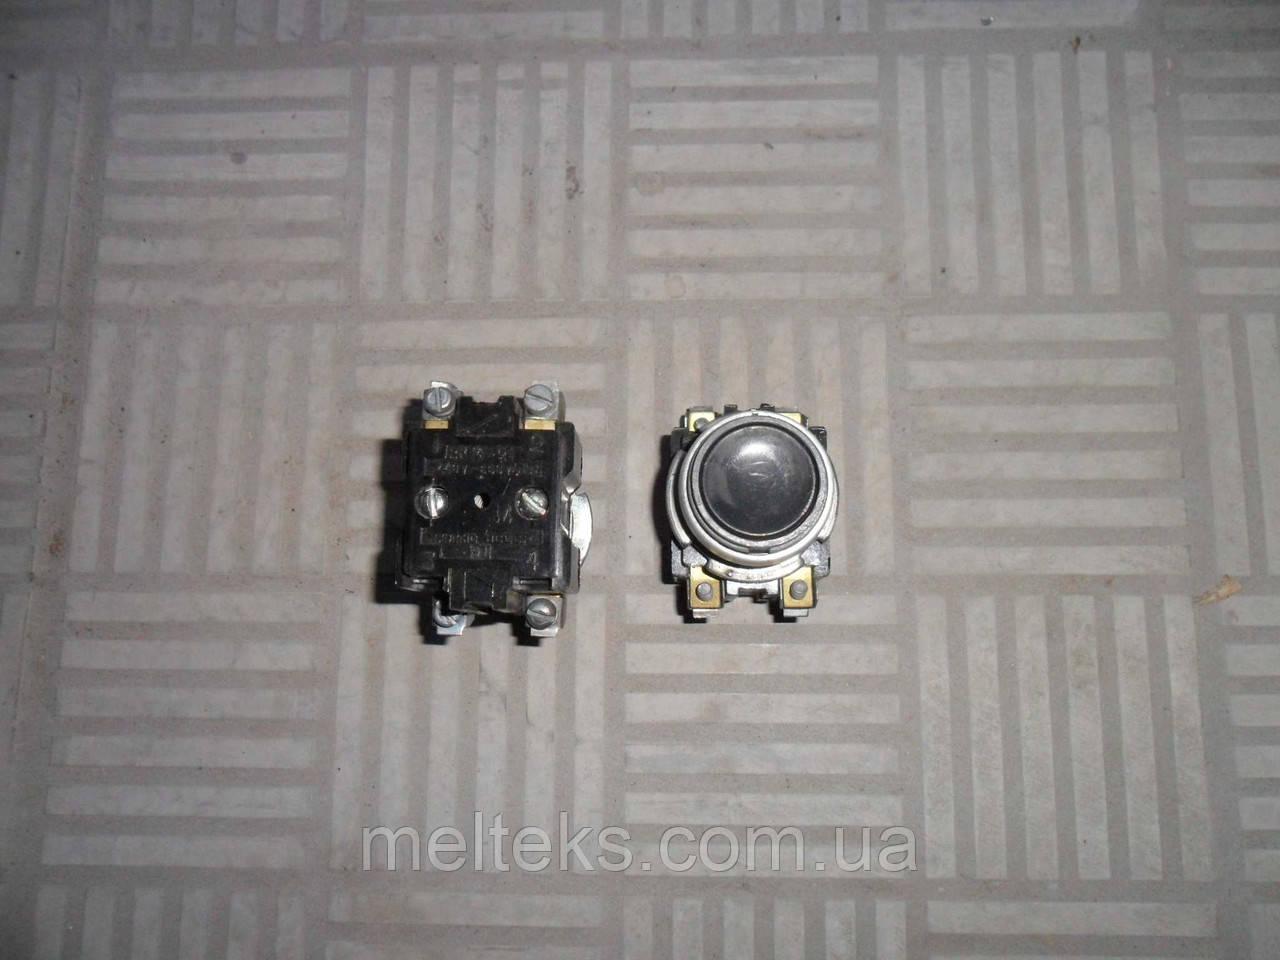 Кнопка вимикач ВК-14-21 виконання 11110